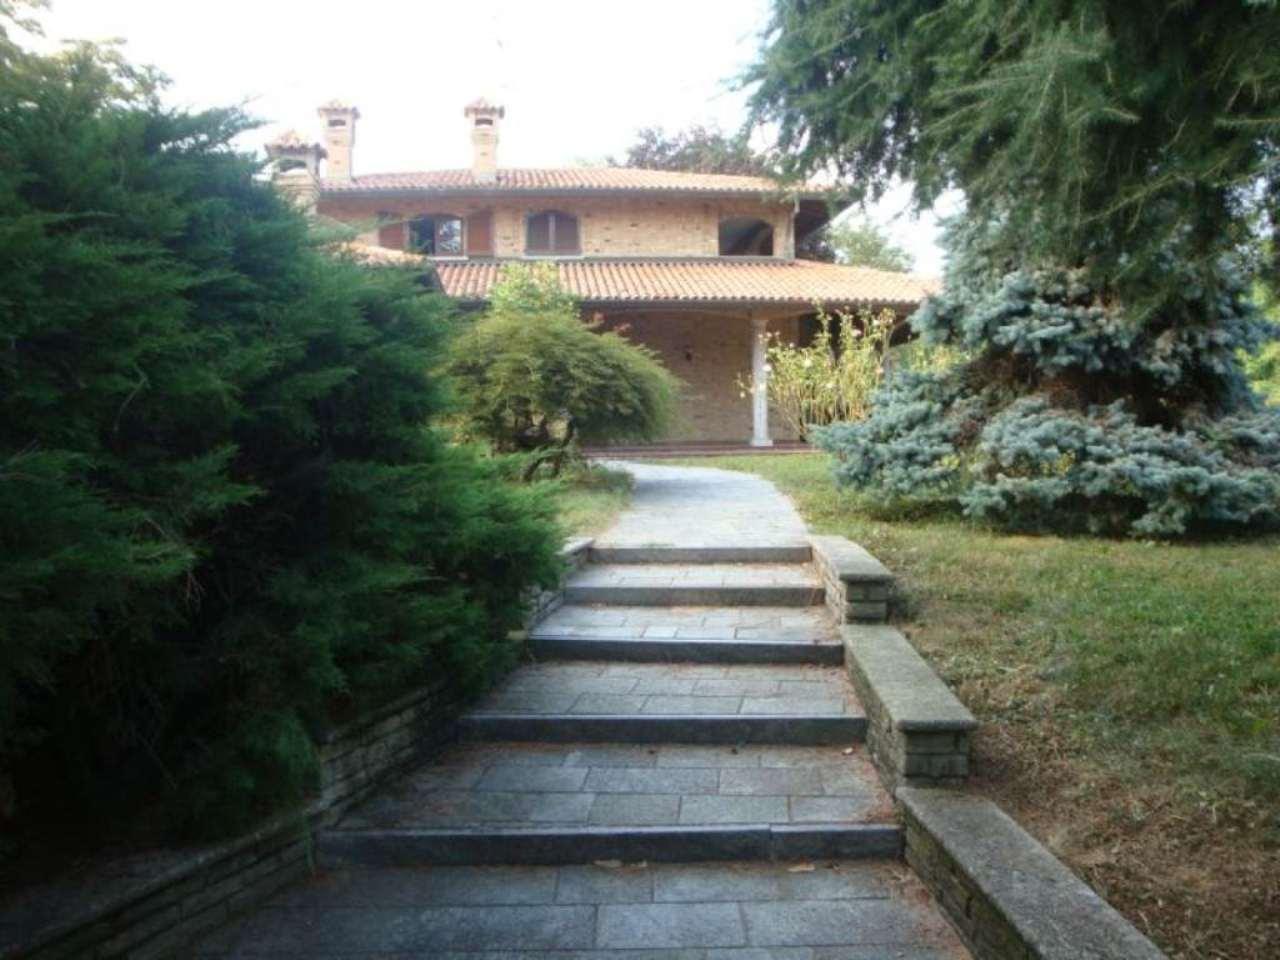 Villa in affitto a Brenna, 9999 locali, prezzo € 2.500 | CambioCasa.it